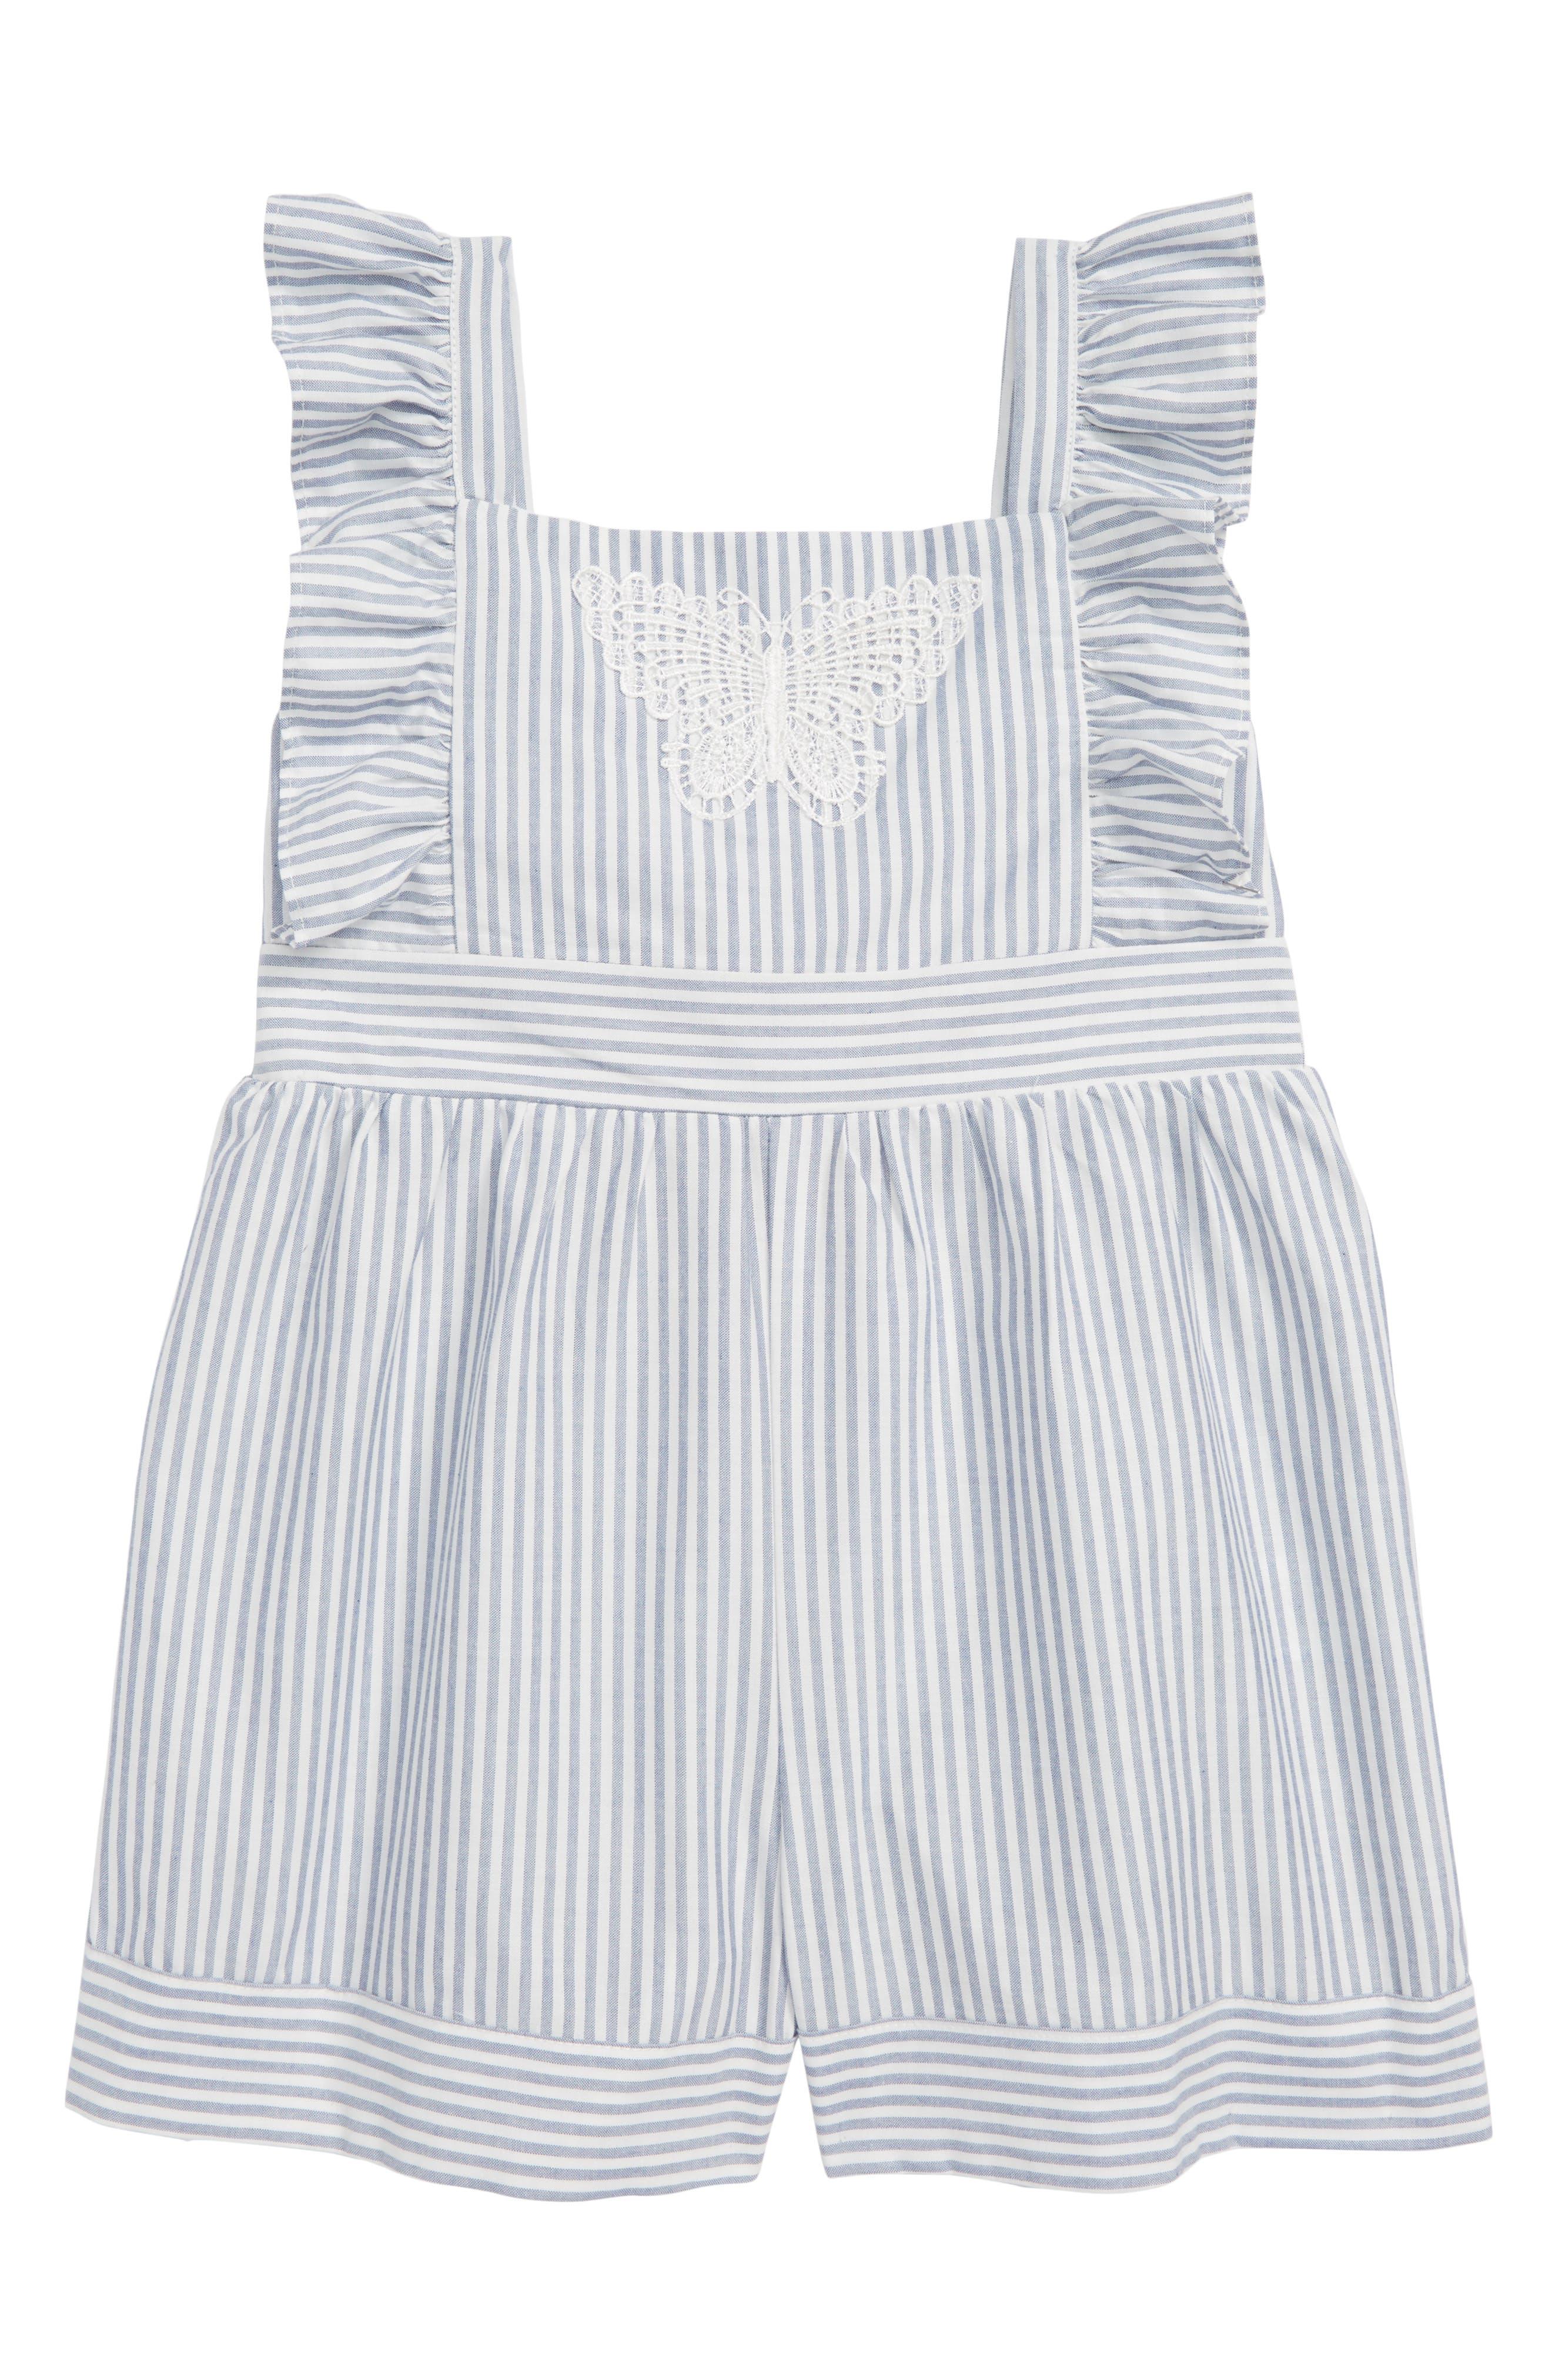 Stripe Romper,                         Main,                         color, Blue/ White